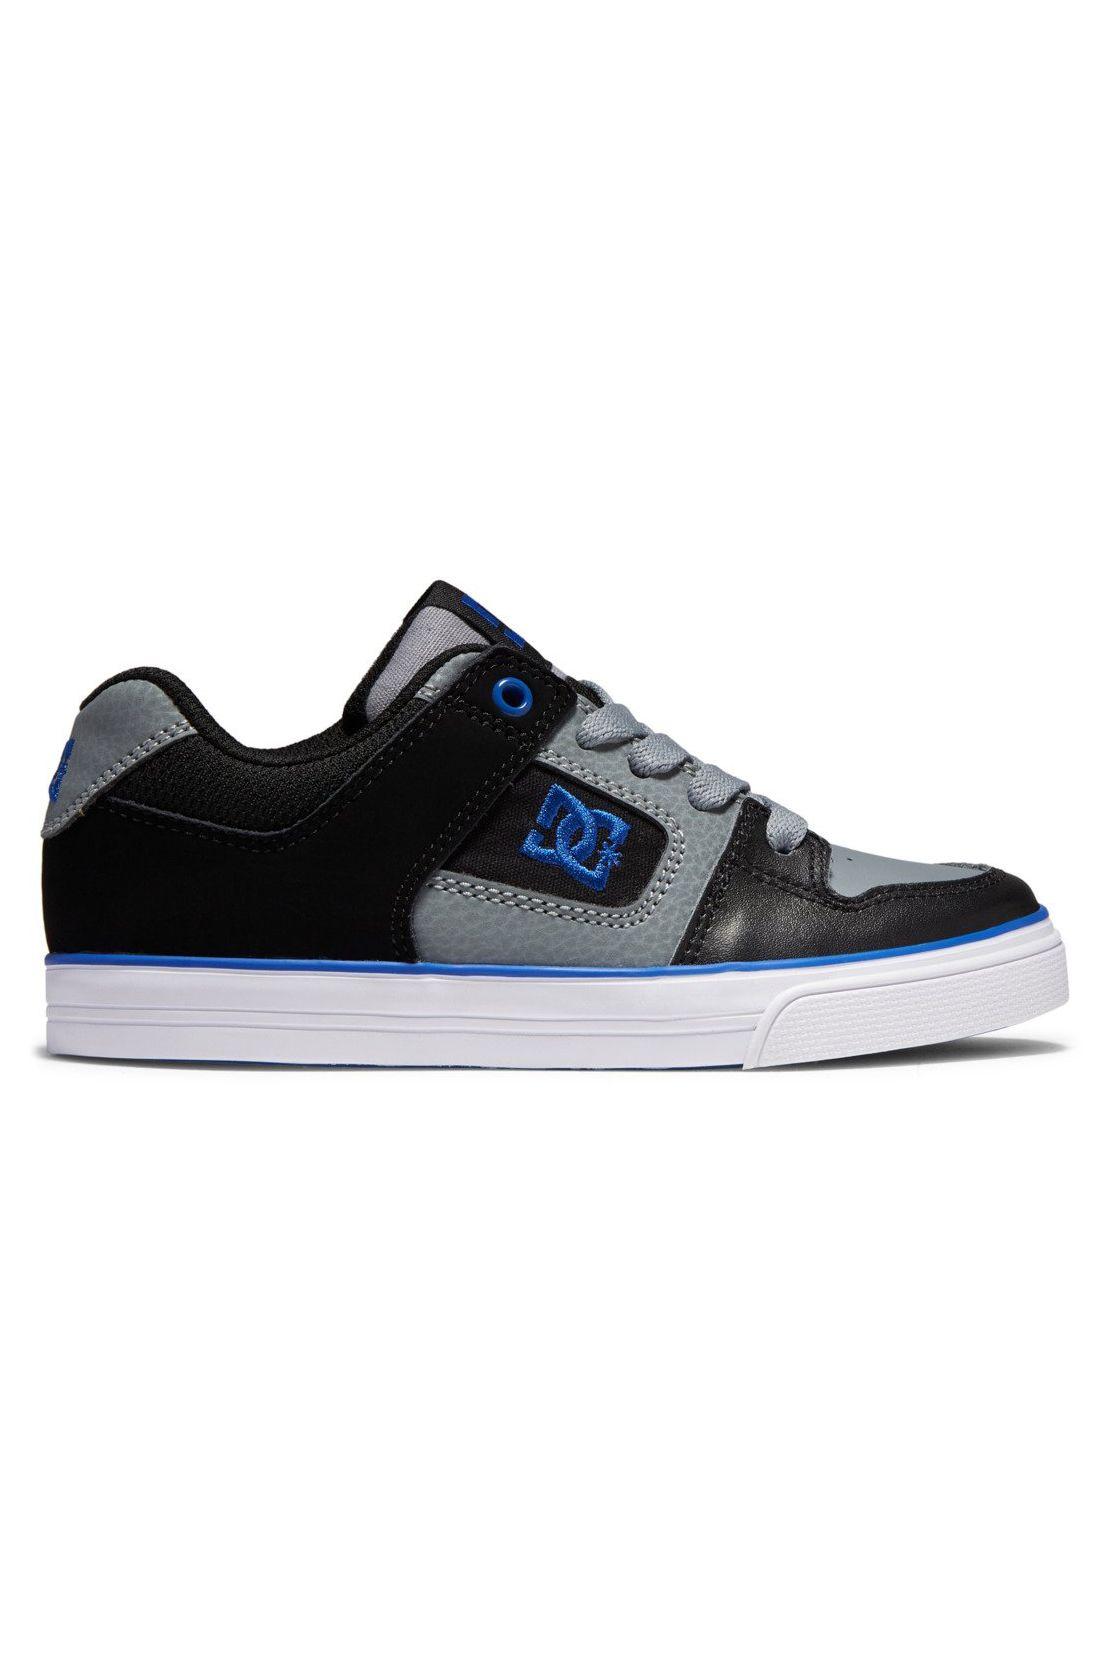 DC Shoes Shoes PURE Black/Grey/Blue